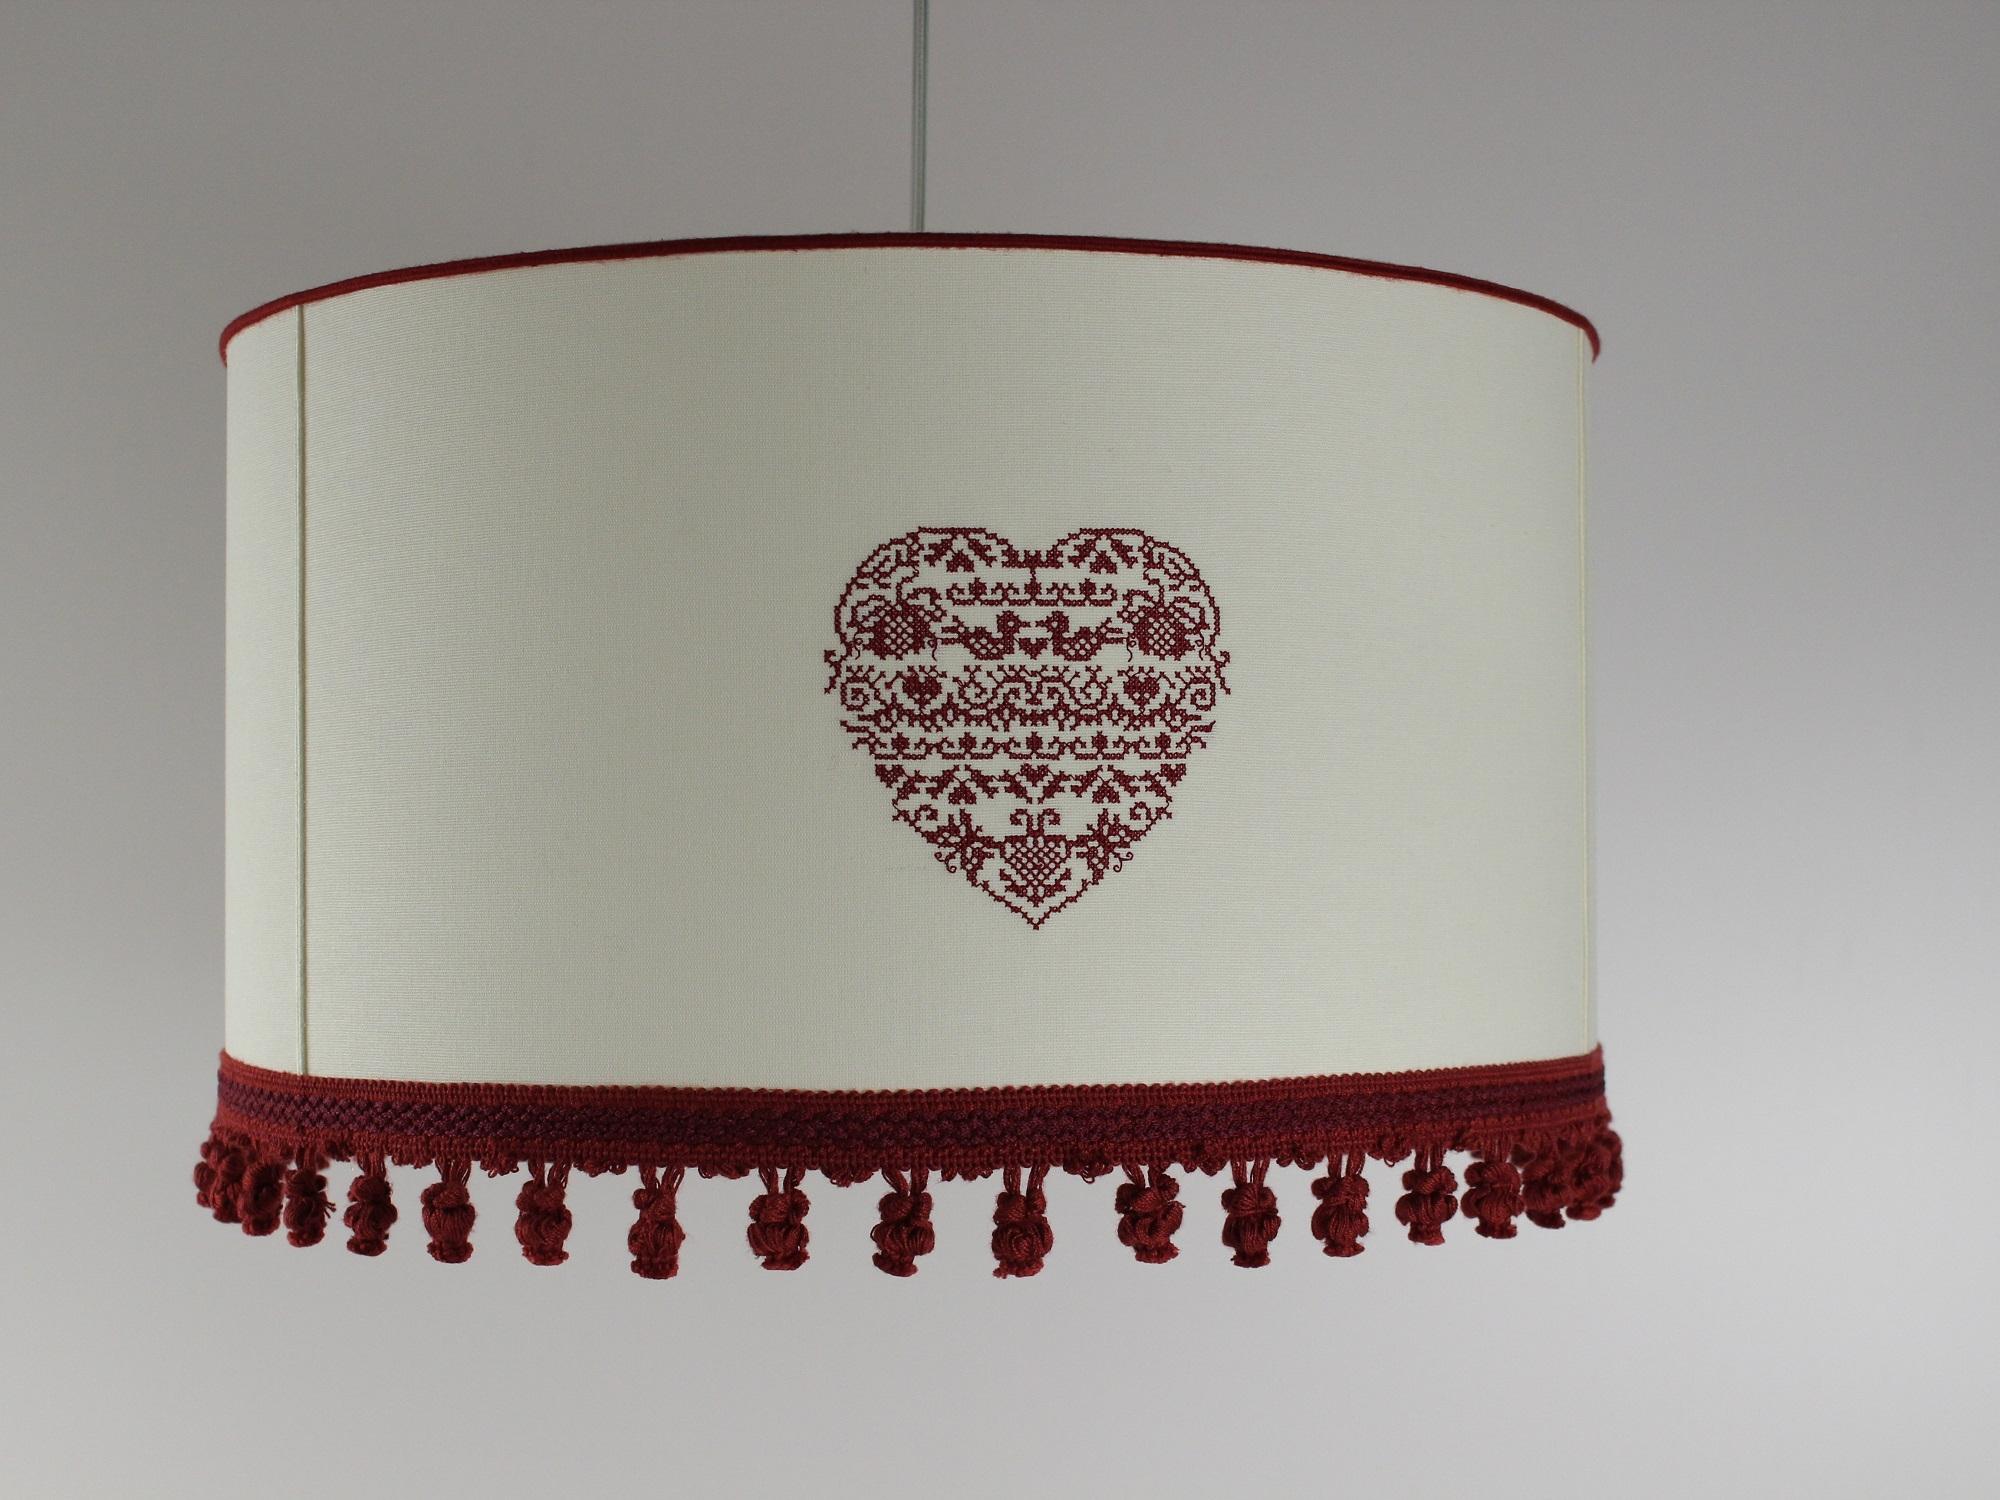 Cappelli Per Lampade: Cappelli per lampade hnczcyw.